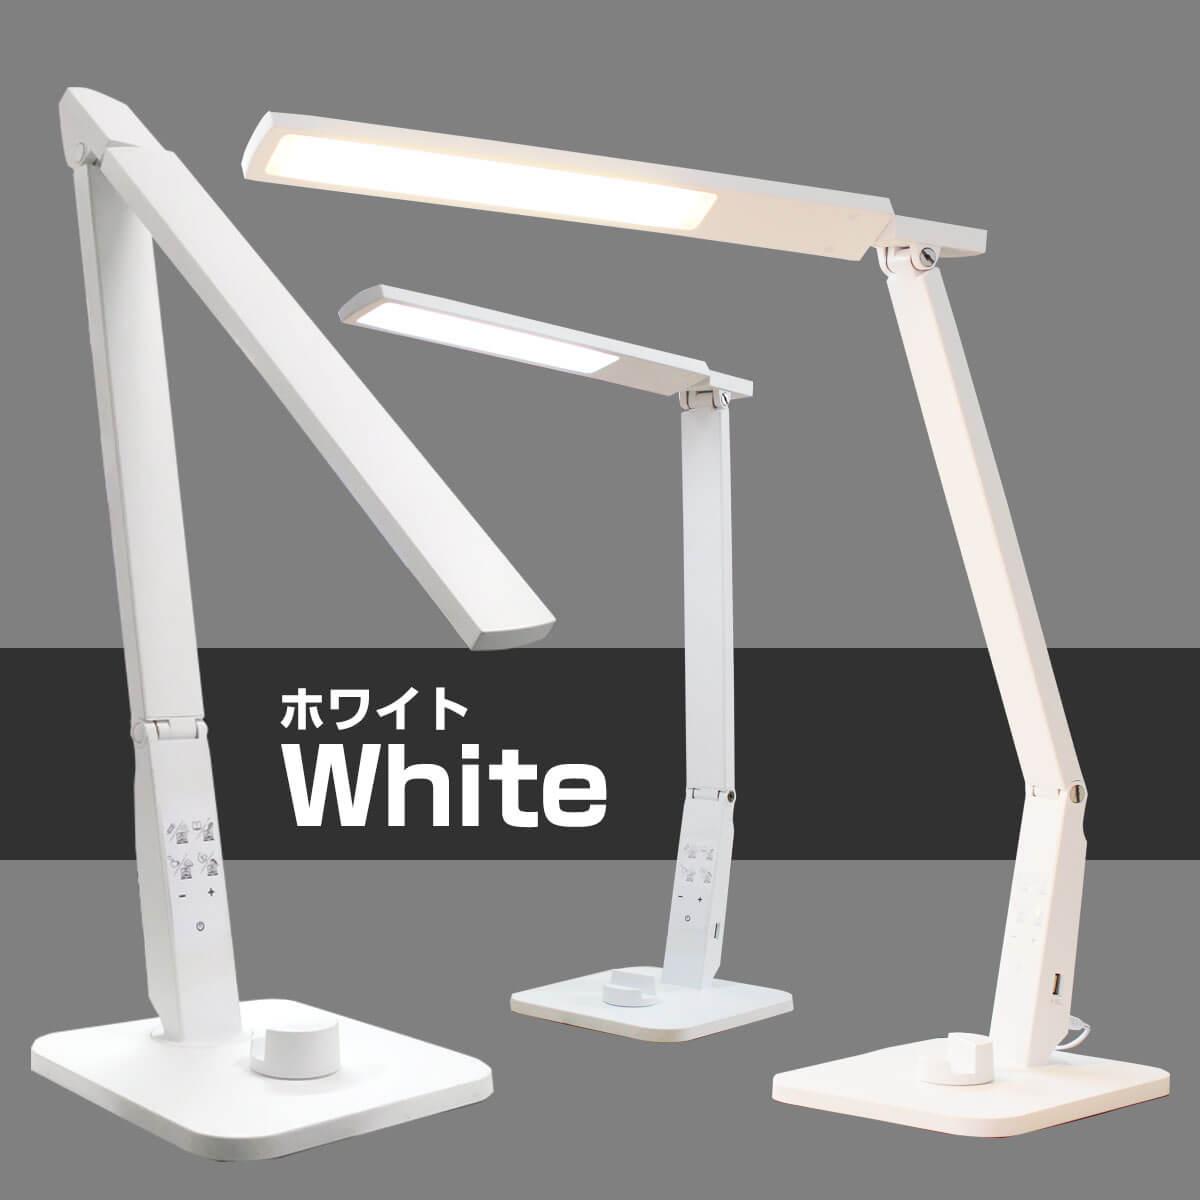 自然光デスクライト テレワーク ホワイト